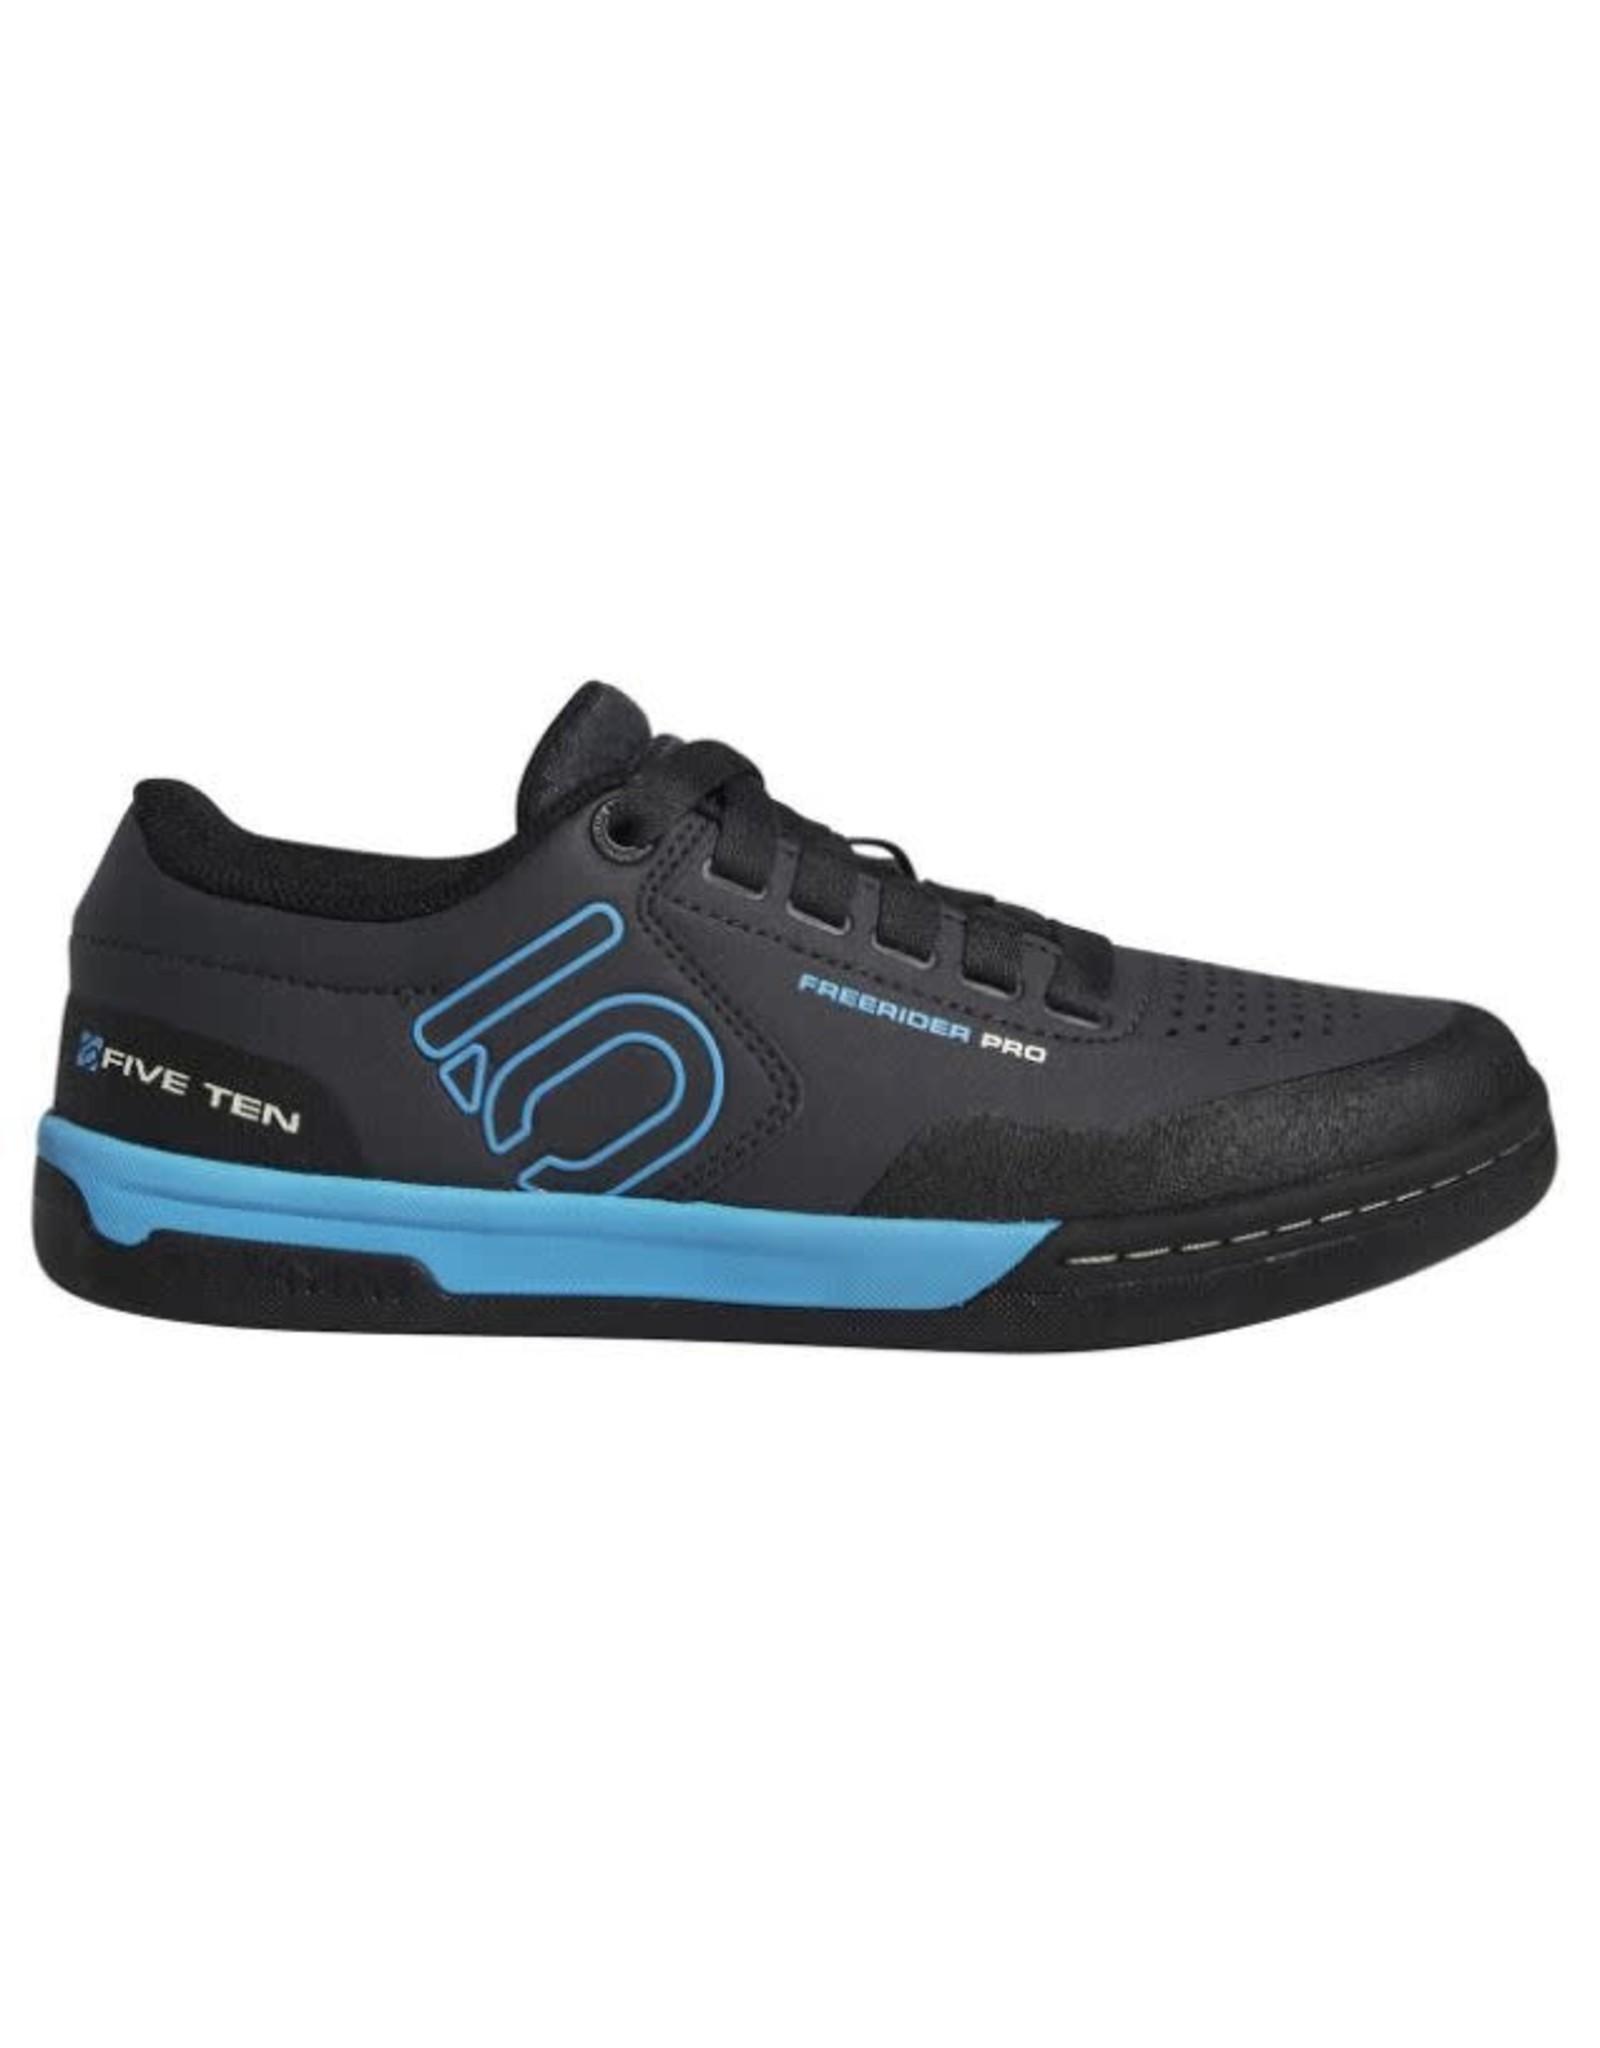 Five Ten Fiveten Freerider Pro women Shoes